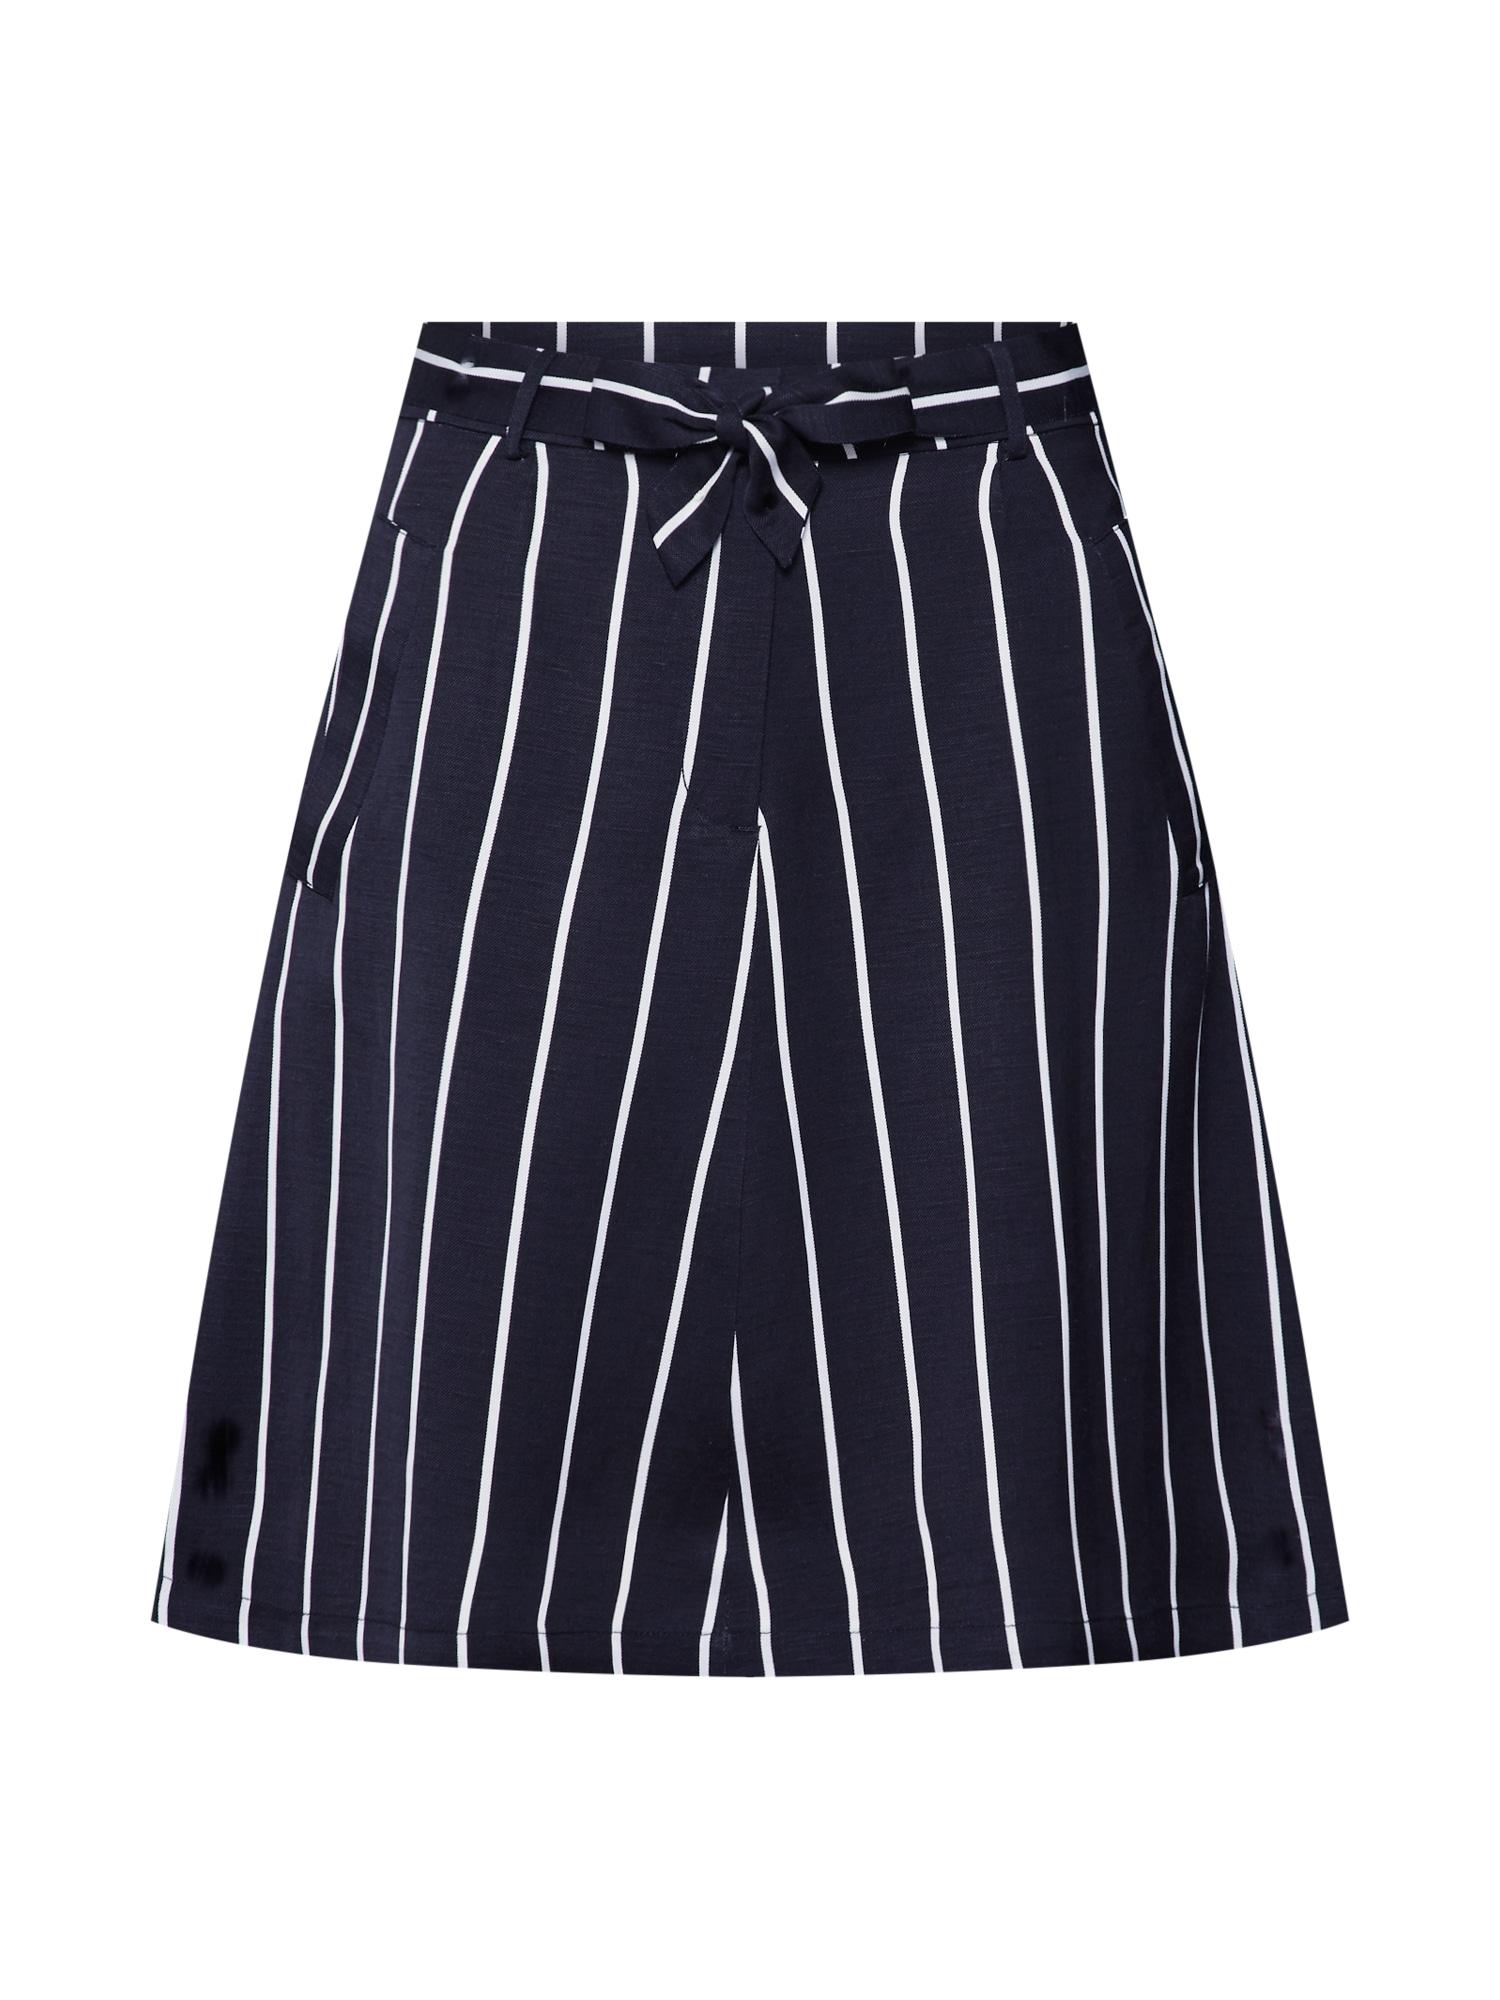 Sukně Striped Linen Skirt modrá Pop Copenhagen